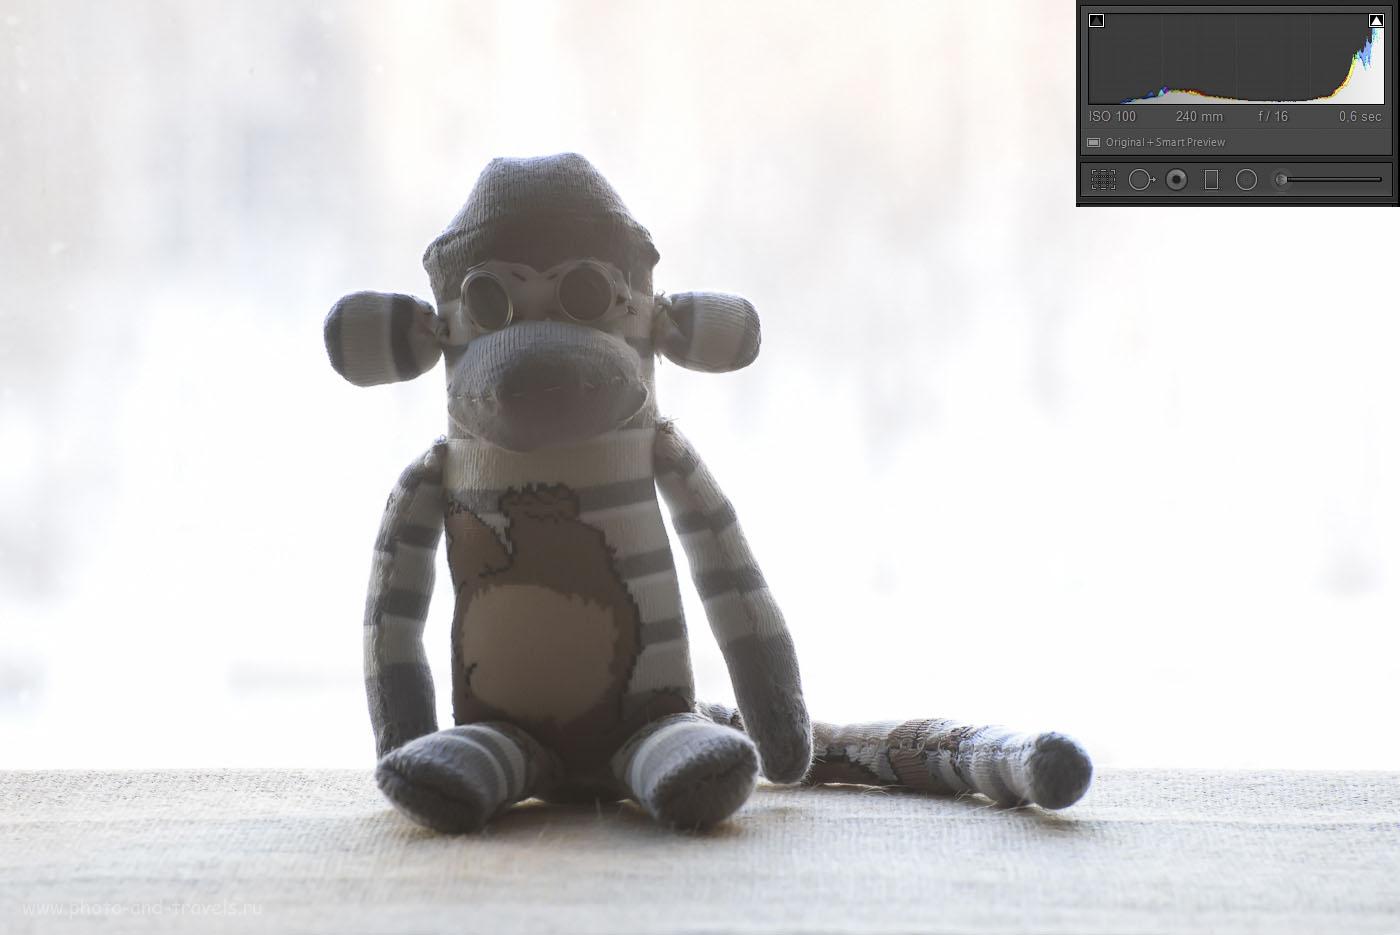 Фото 14. Пример съемки против света с использованием экспозамера по точке фокусировки (на обезьяне). Как видим по визуально и по гистограмме – фон у нас выбило. Уроки фотографии для новичков. 1/2, F/16.0, 100, 240 мм.